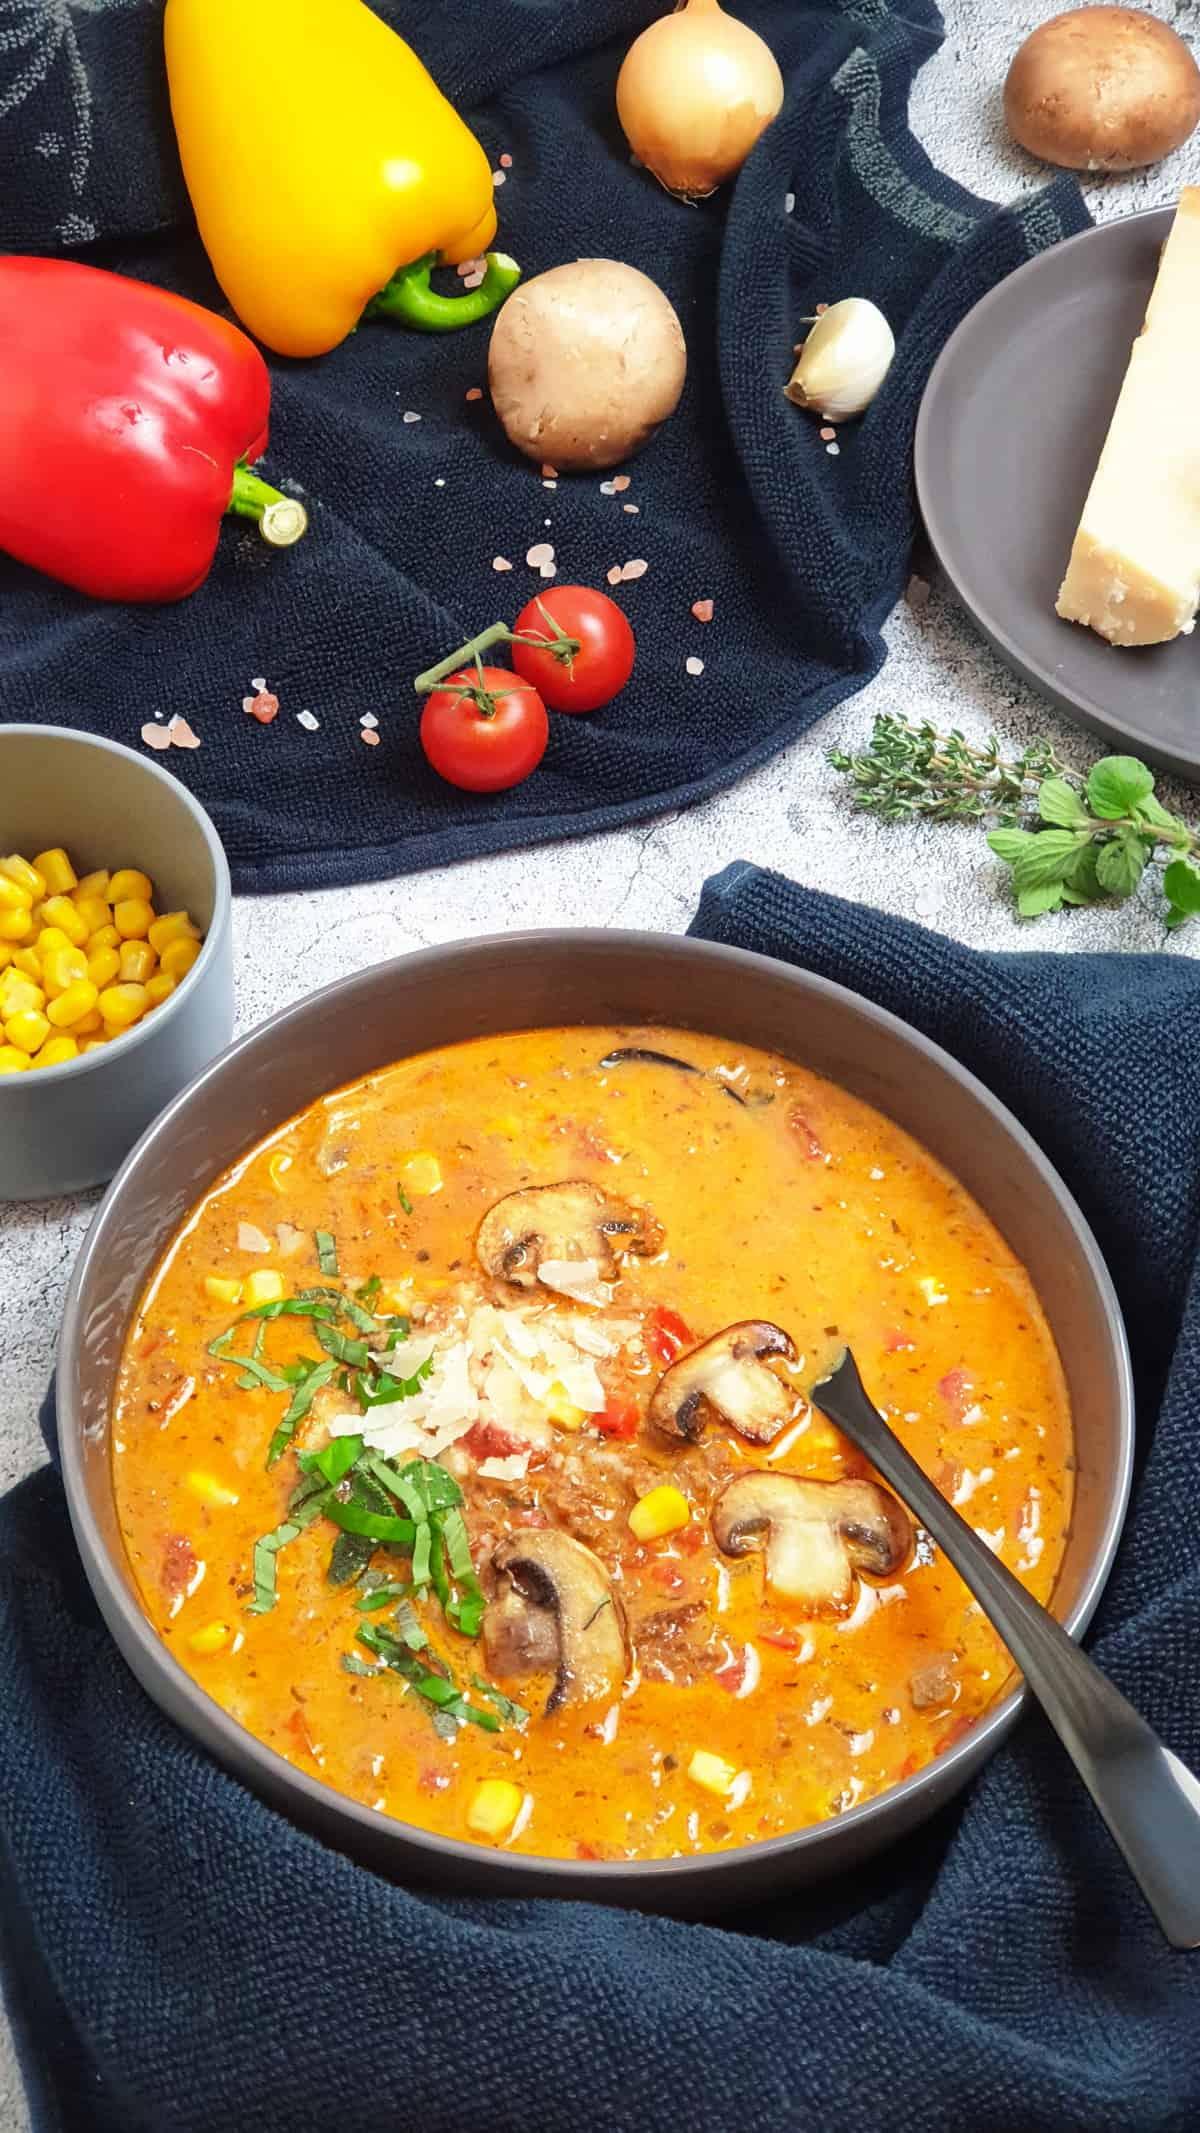 Piuzza Suppe in einer grauen Schale serviert. Im Hintergrund Deko.